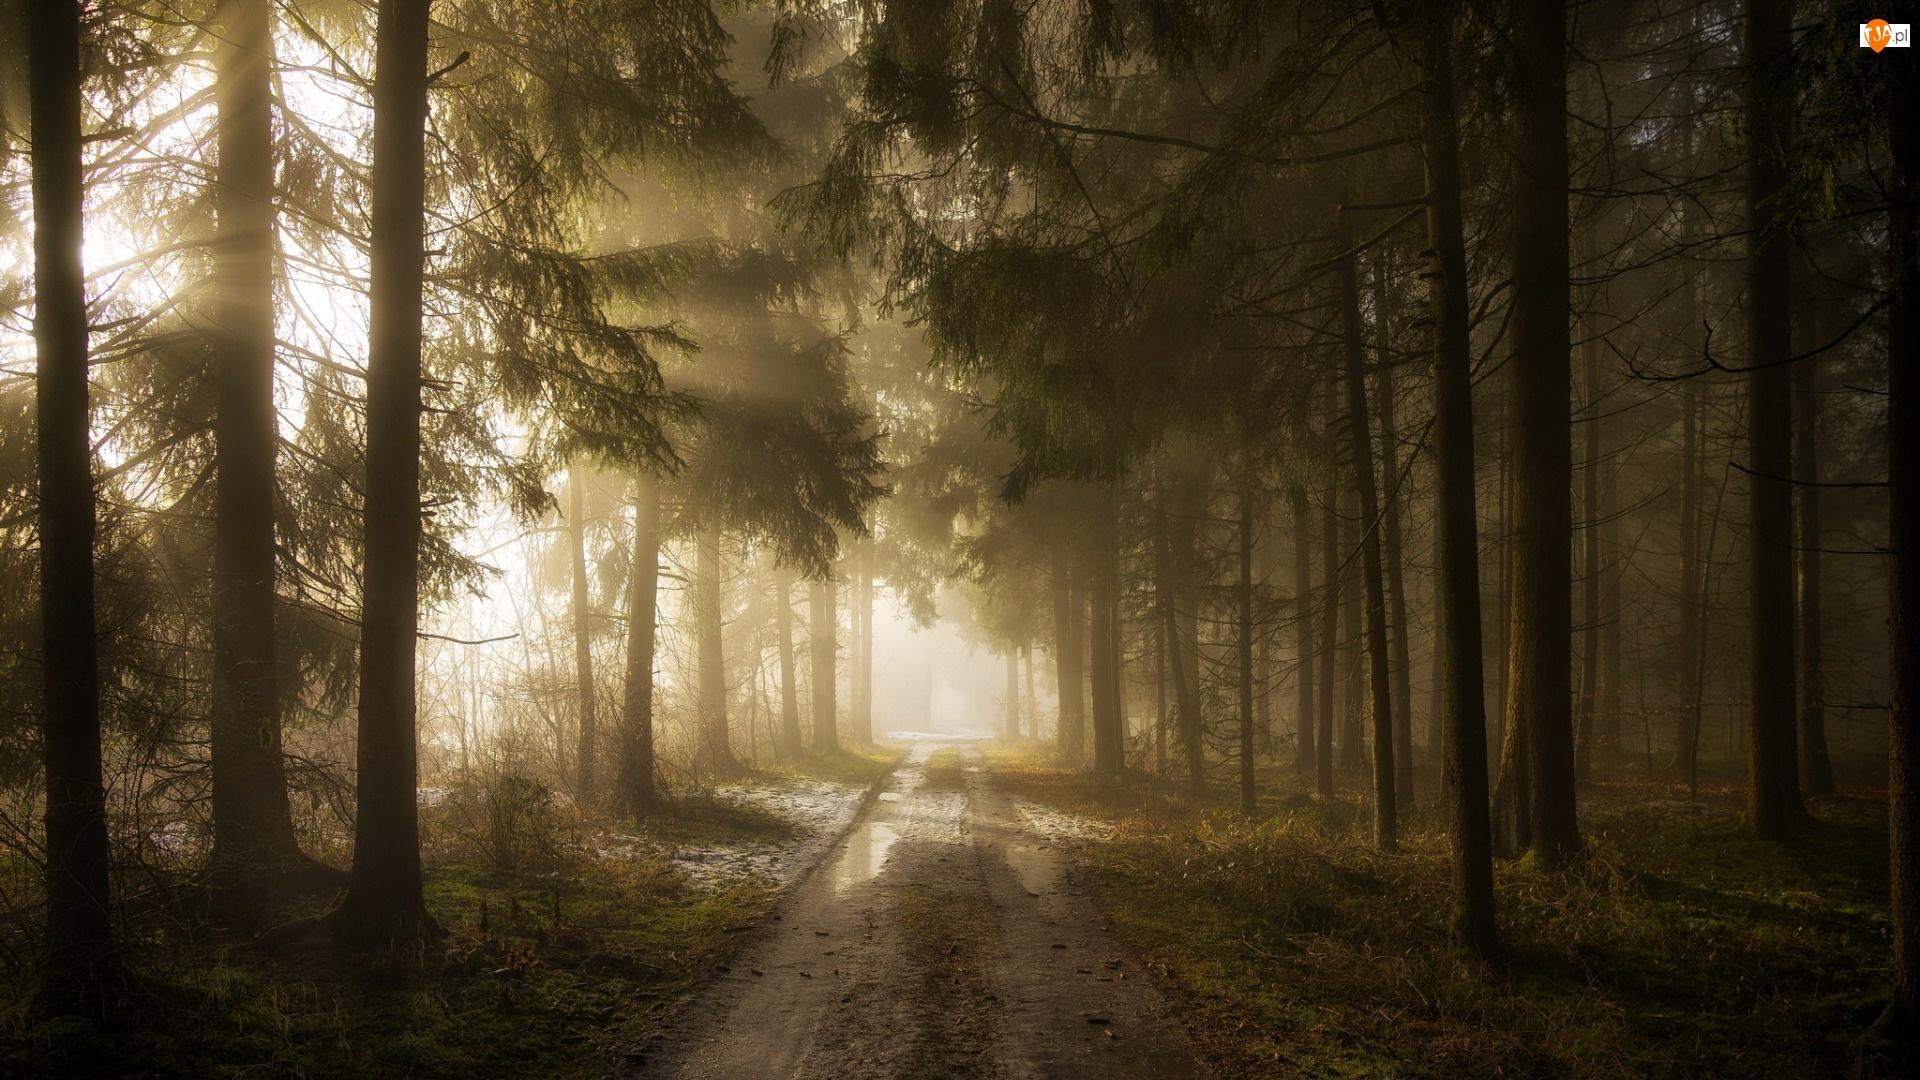 Las, Przebijające światło, Droga, Kałuże